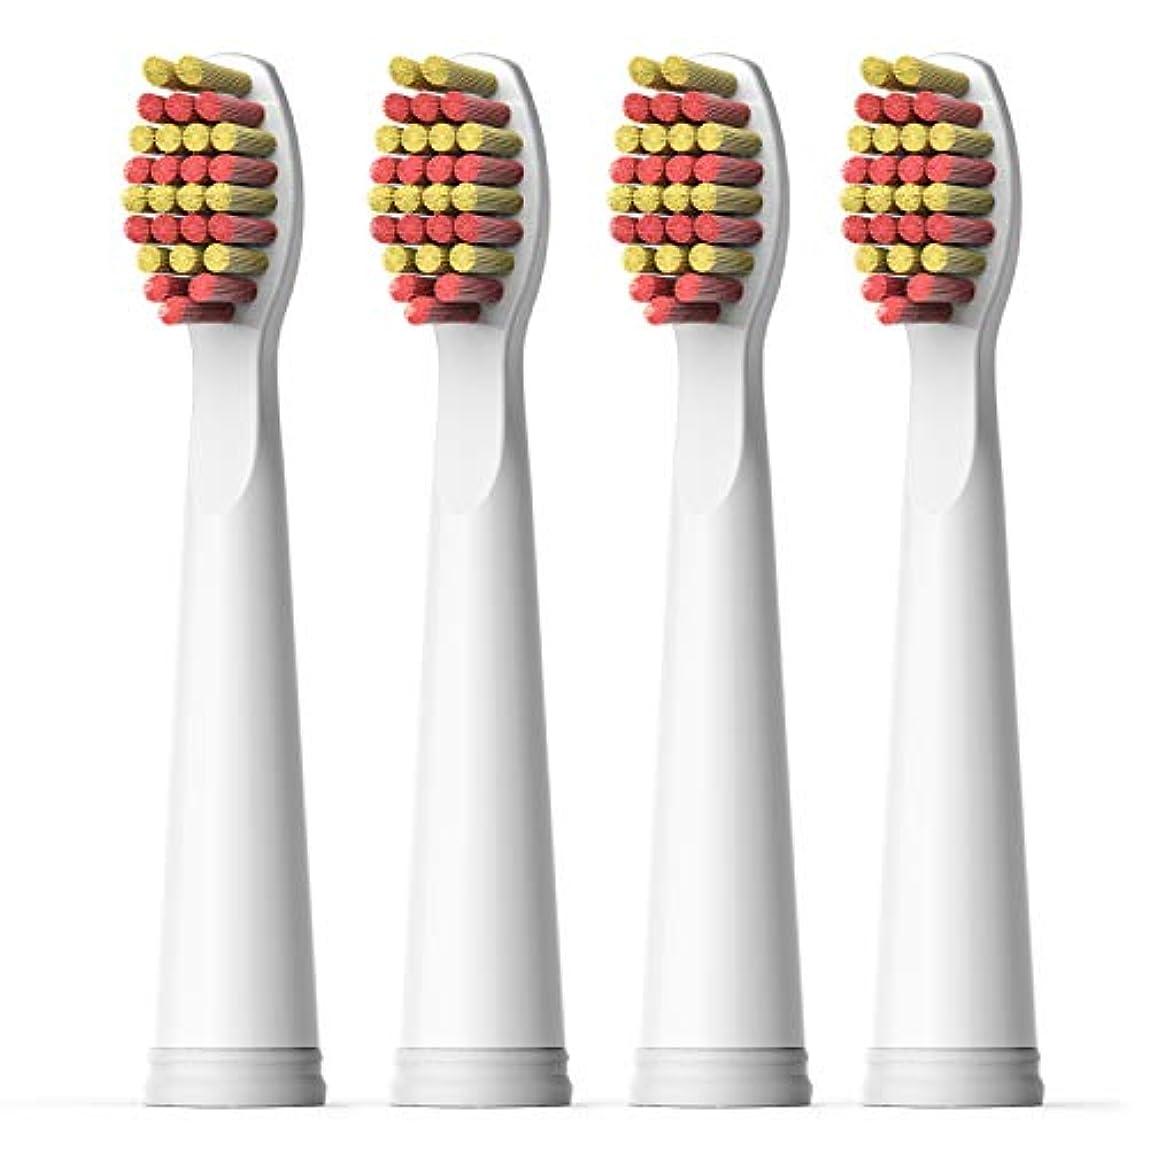 型ダーツしないでくださいFairywill 電動歯ブラシ用 替ブラシ 4本入 互換ブラシ ブラシヘッド やわらかい BH04